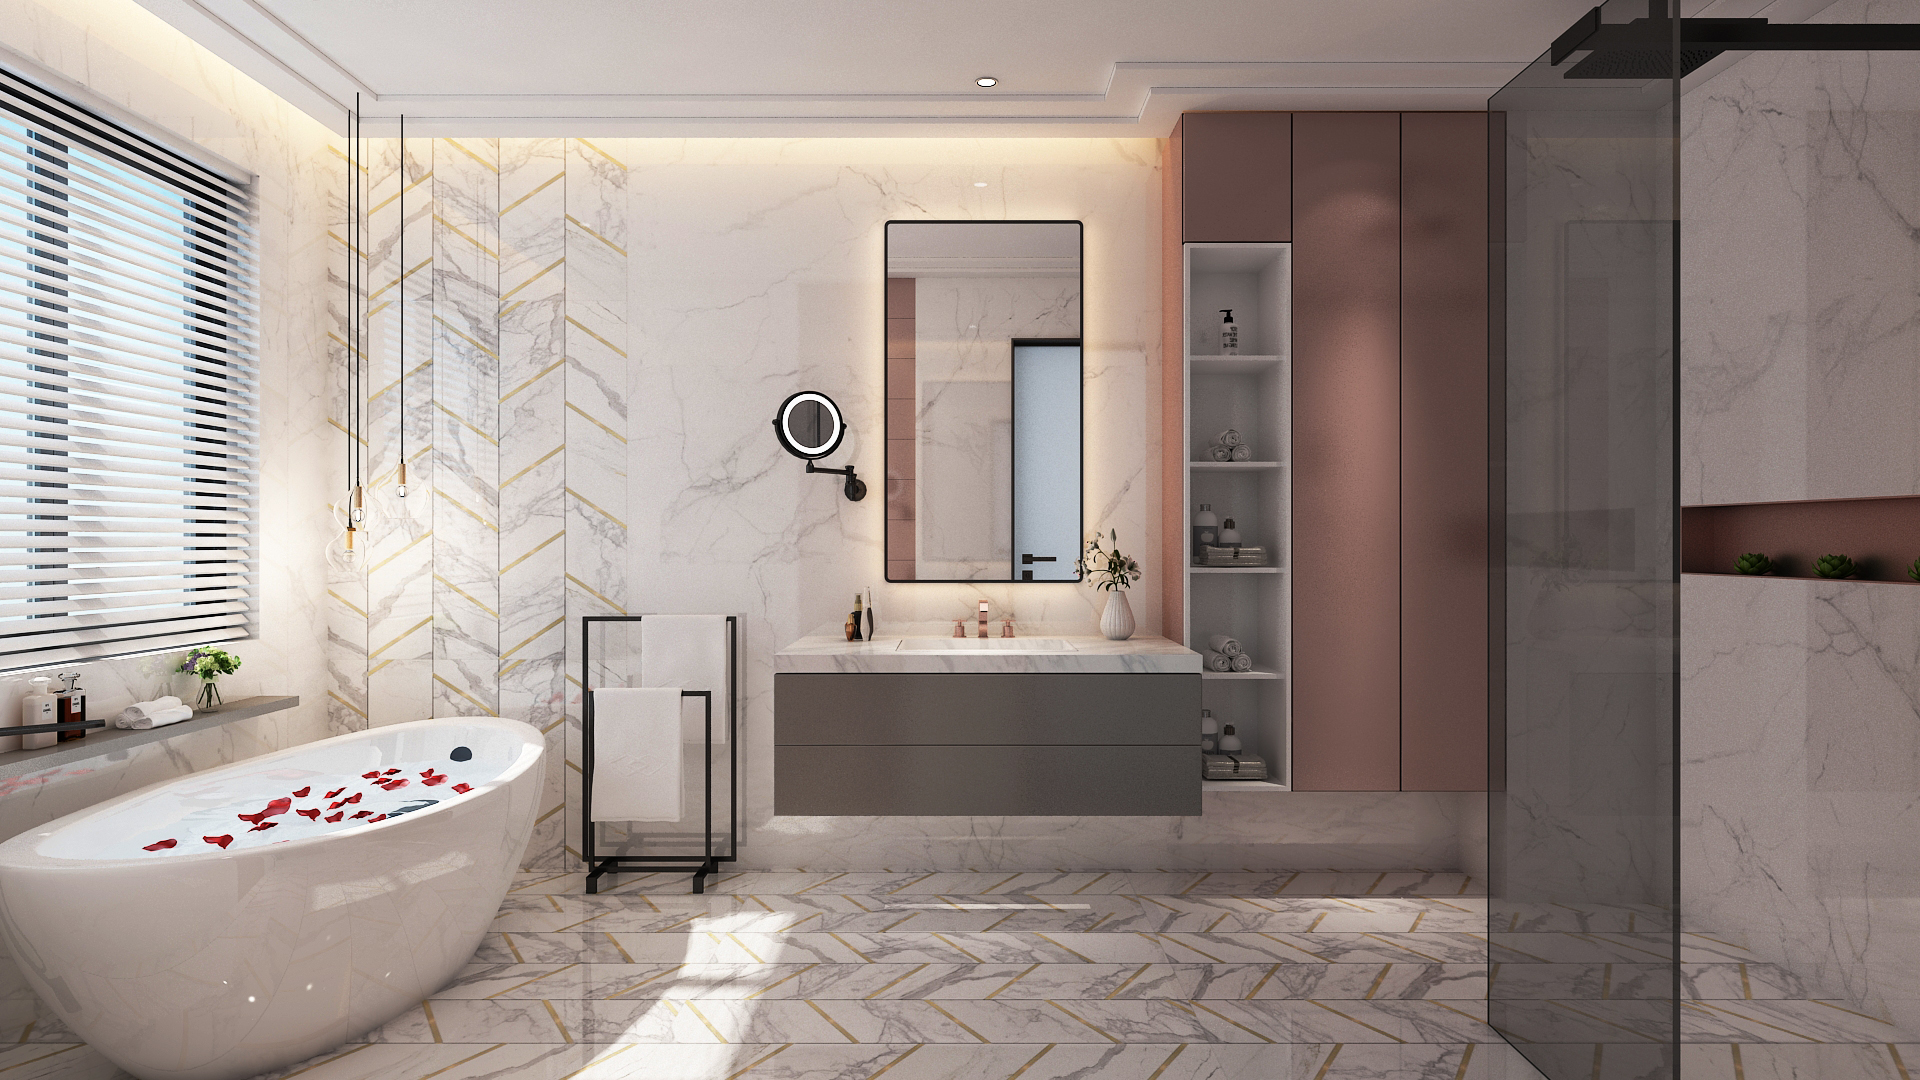 Banyo Modern tasarim_0001_R_000